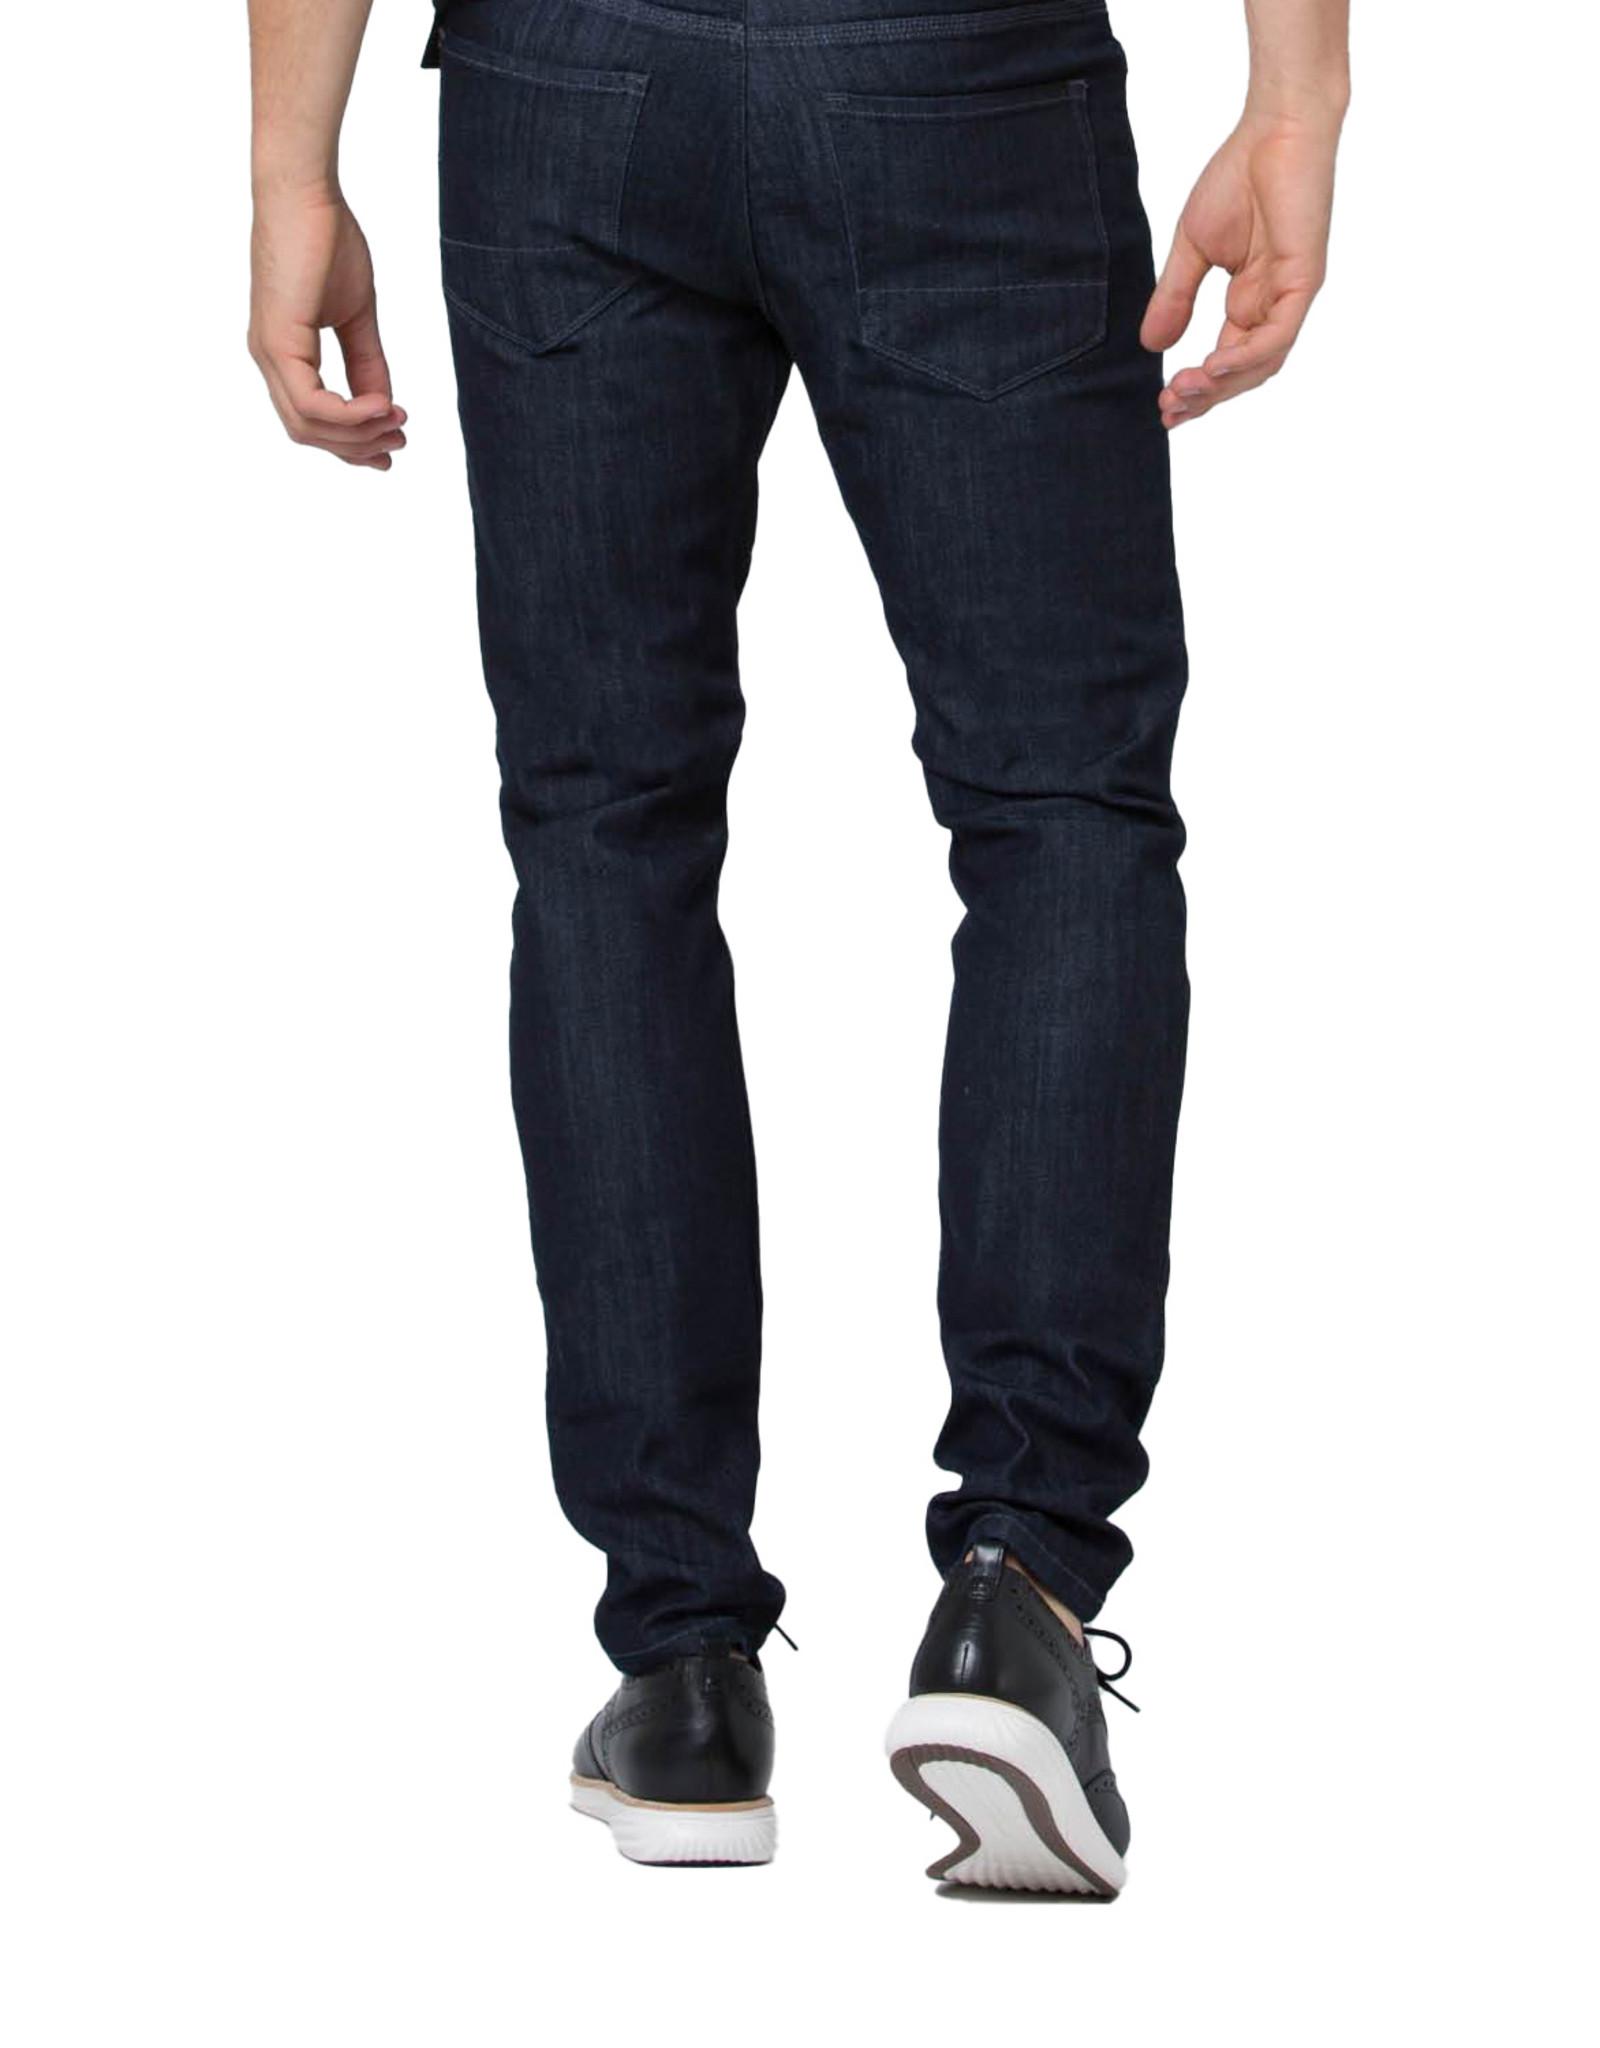 DUER Performance Denim Slim Pantalon Duer